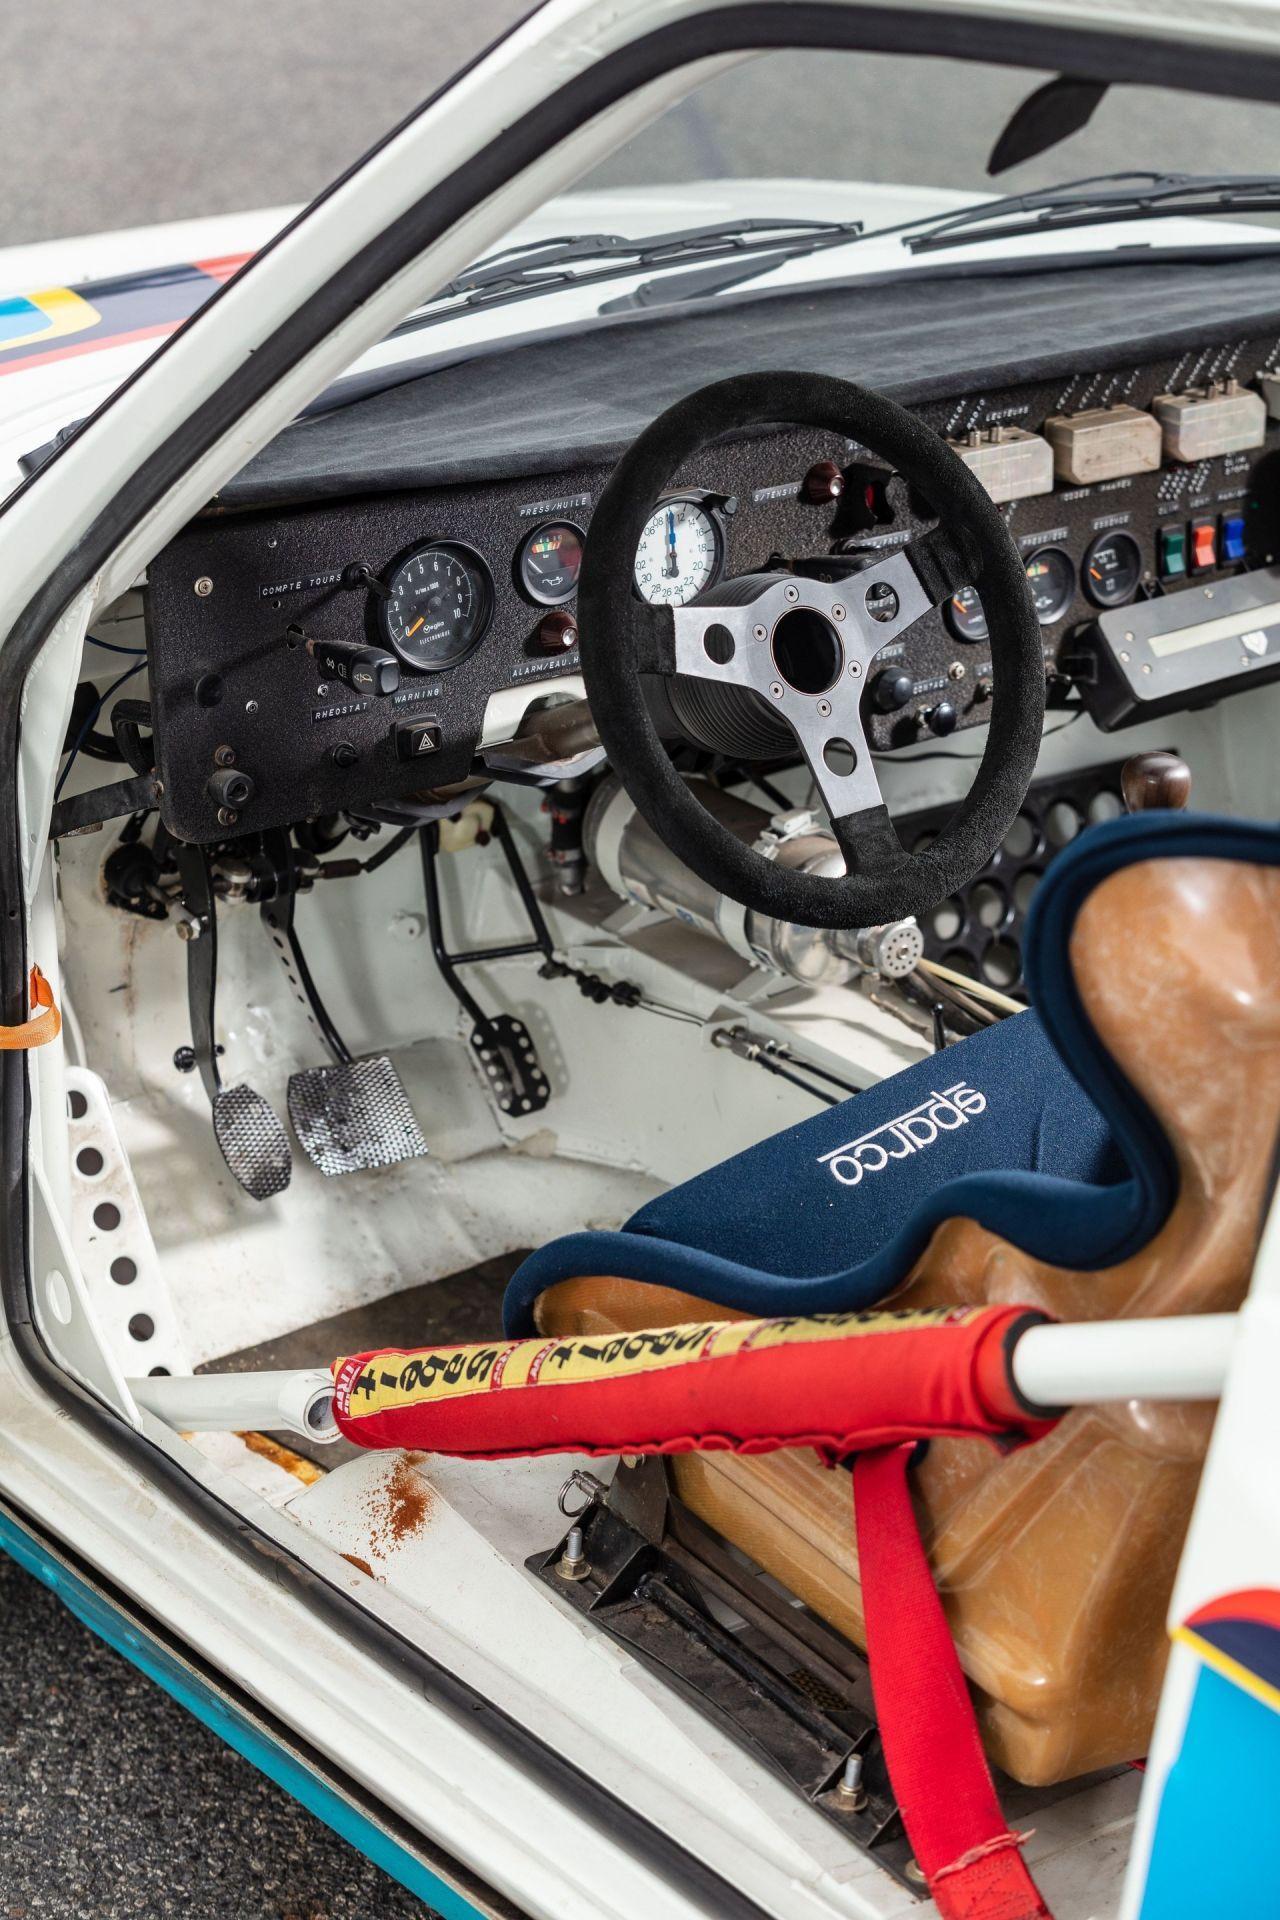 1985_Peugeot_205_Turbo_16_Evolution_2_sale-0020